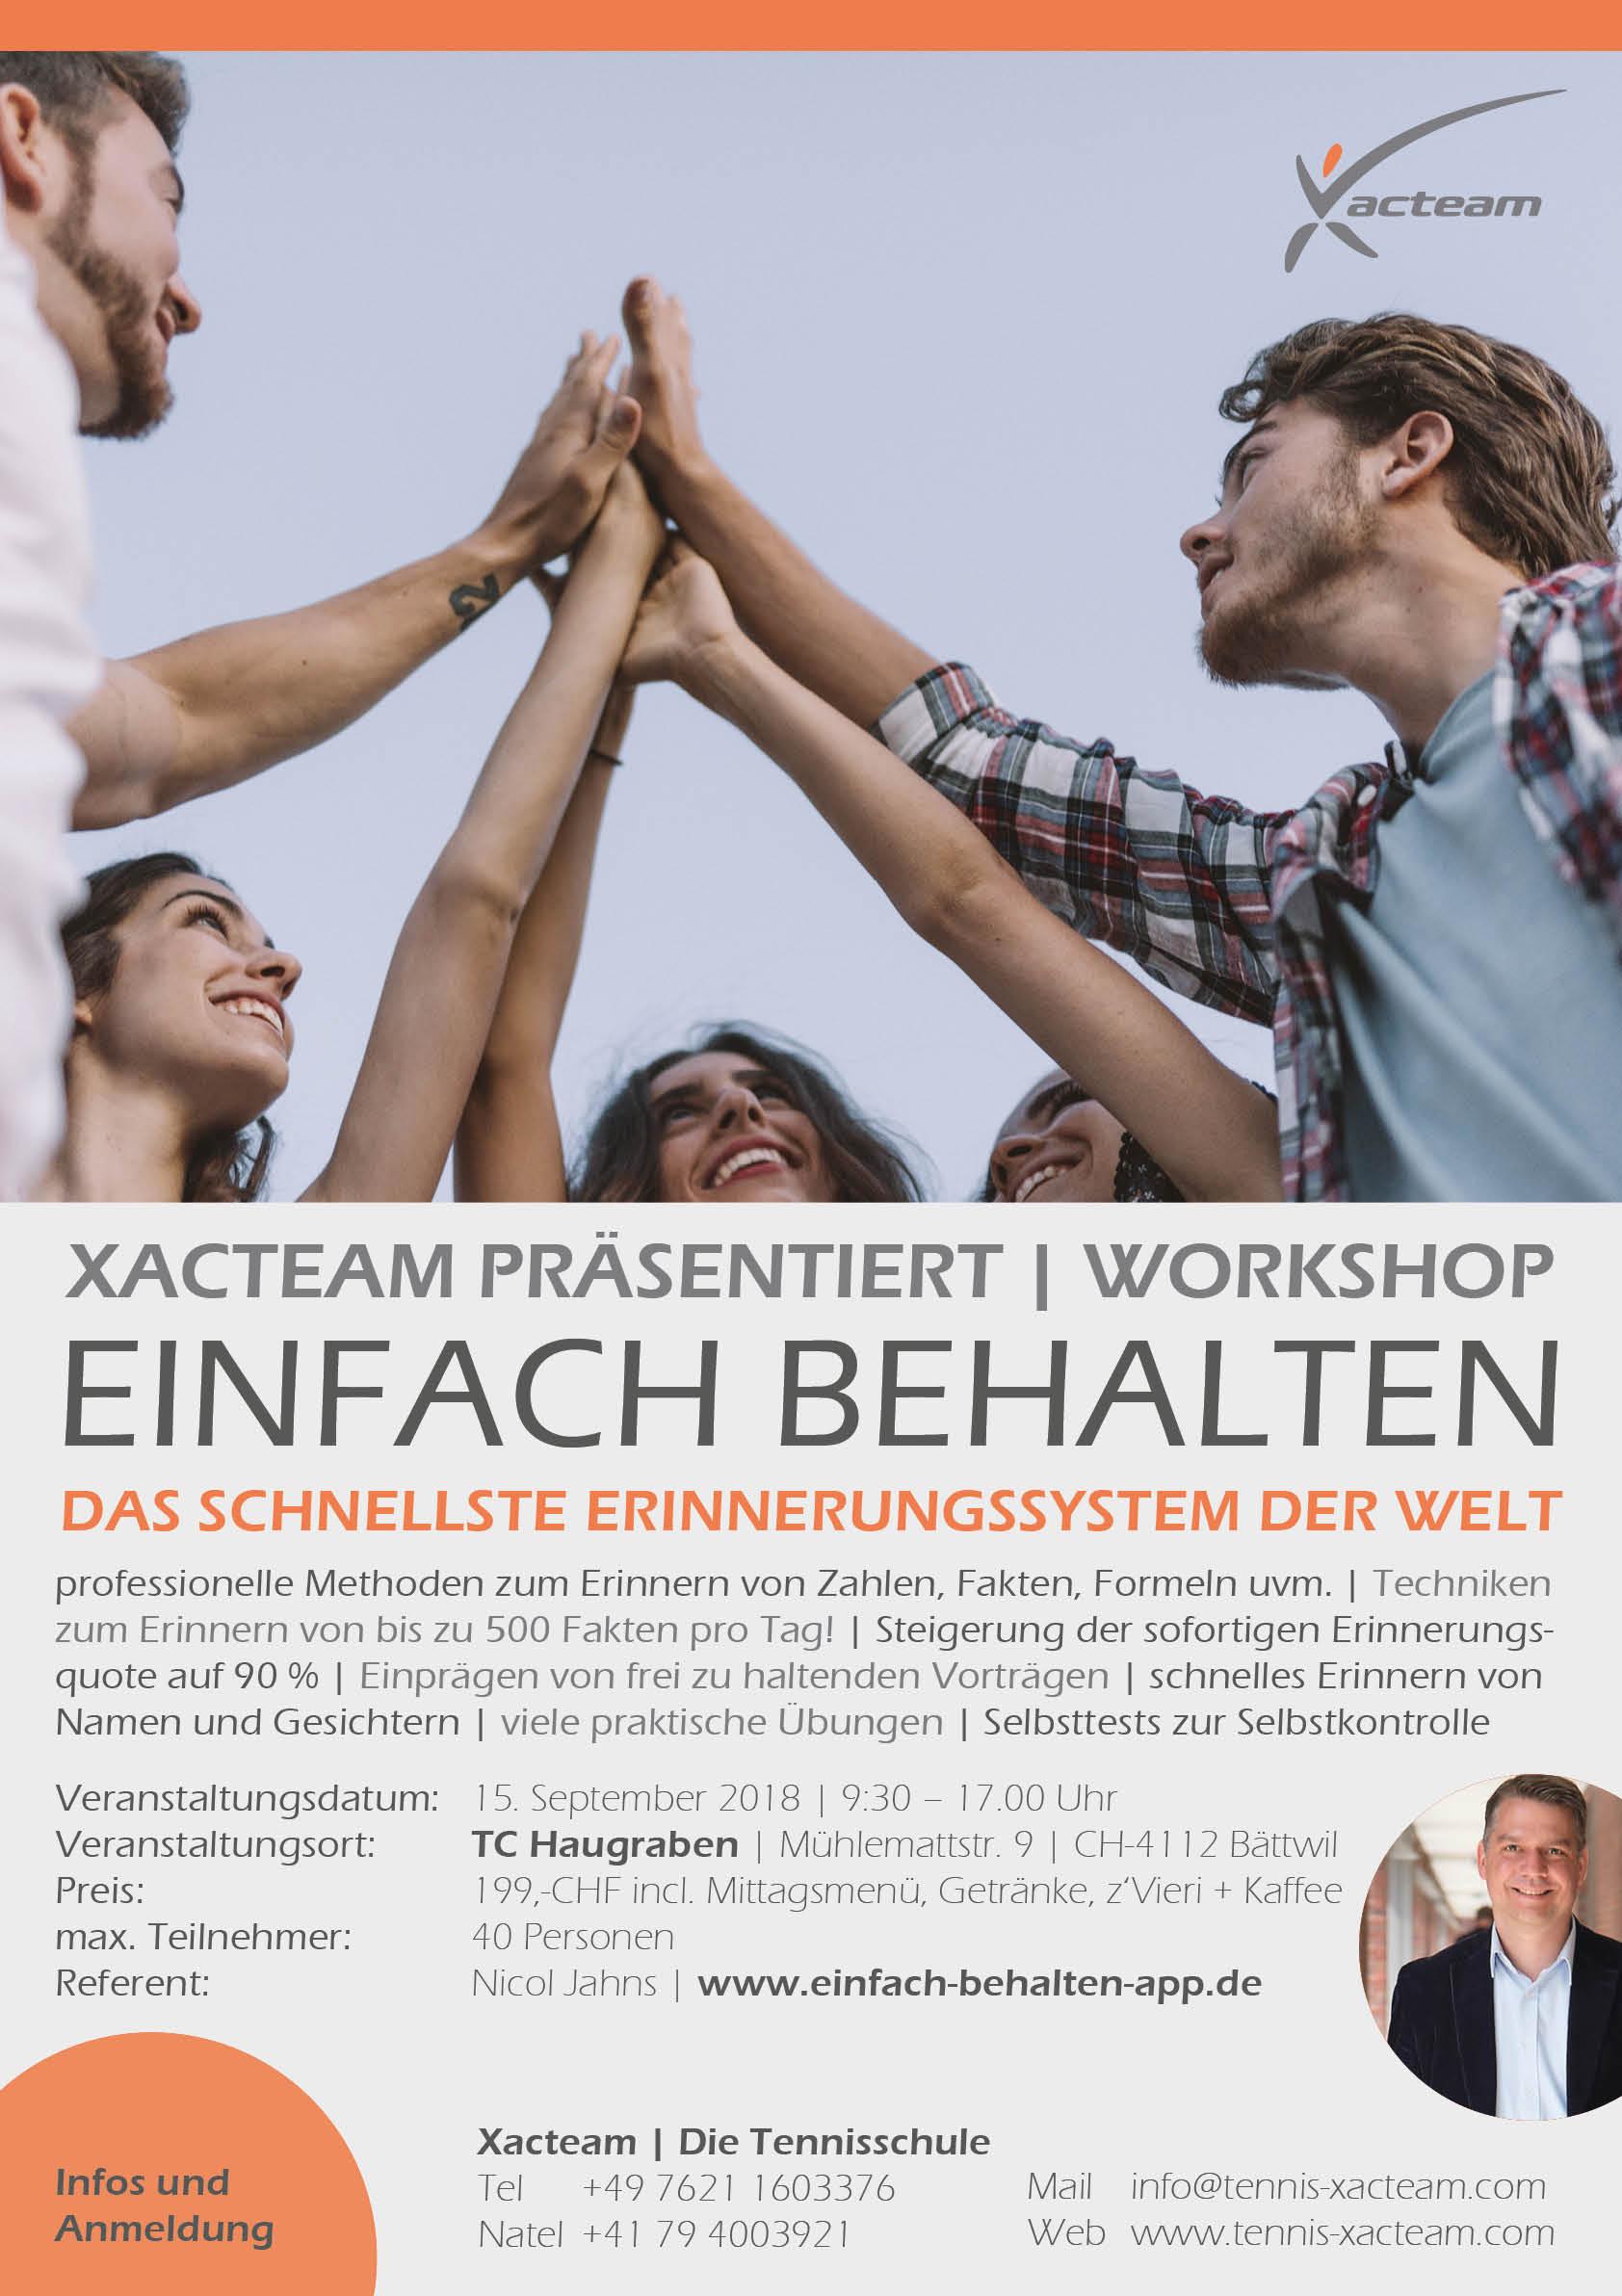 """Workshop """"Einfach behalten"""" am 15. September 2018"""